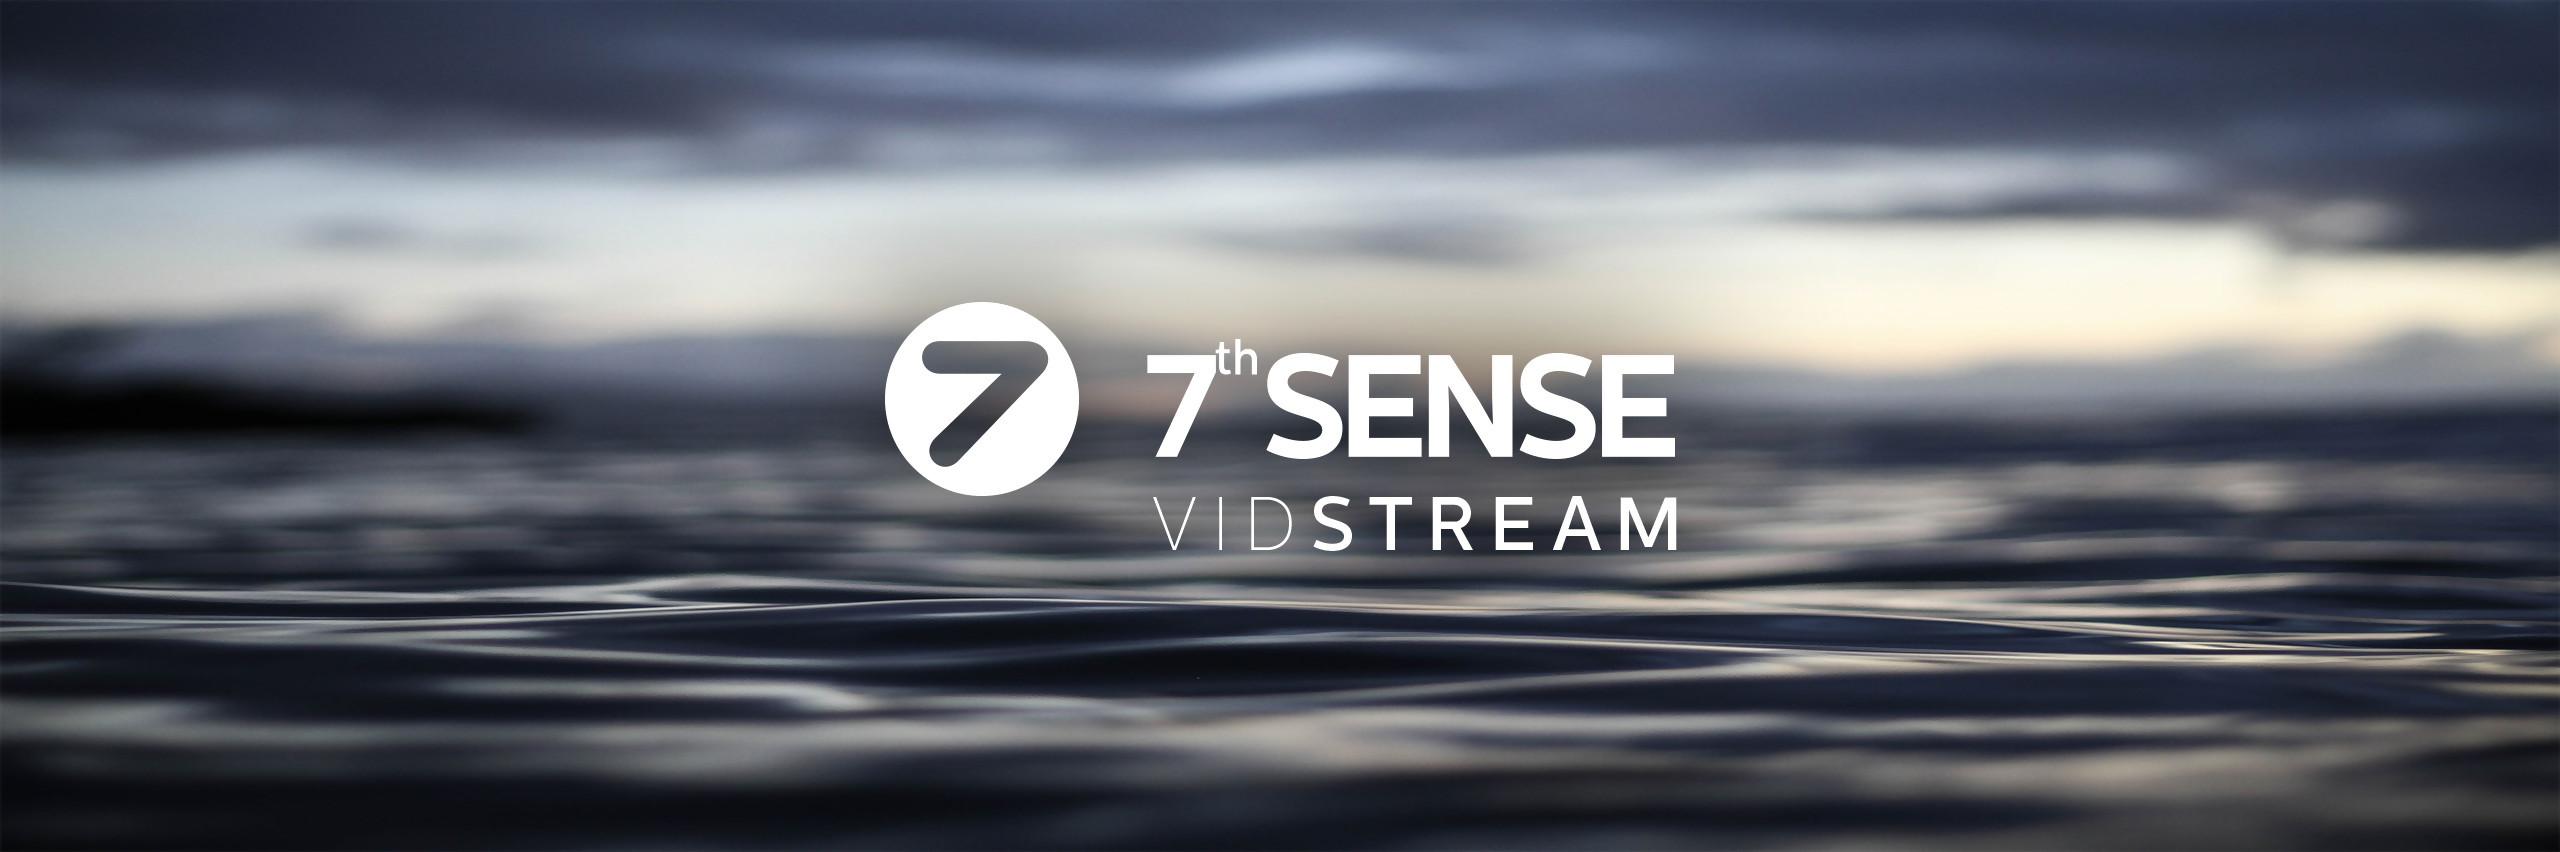 VidStream Channel 4